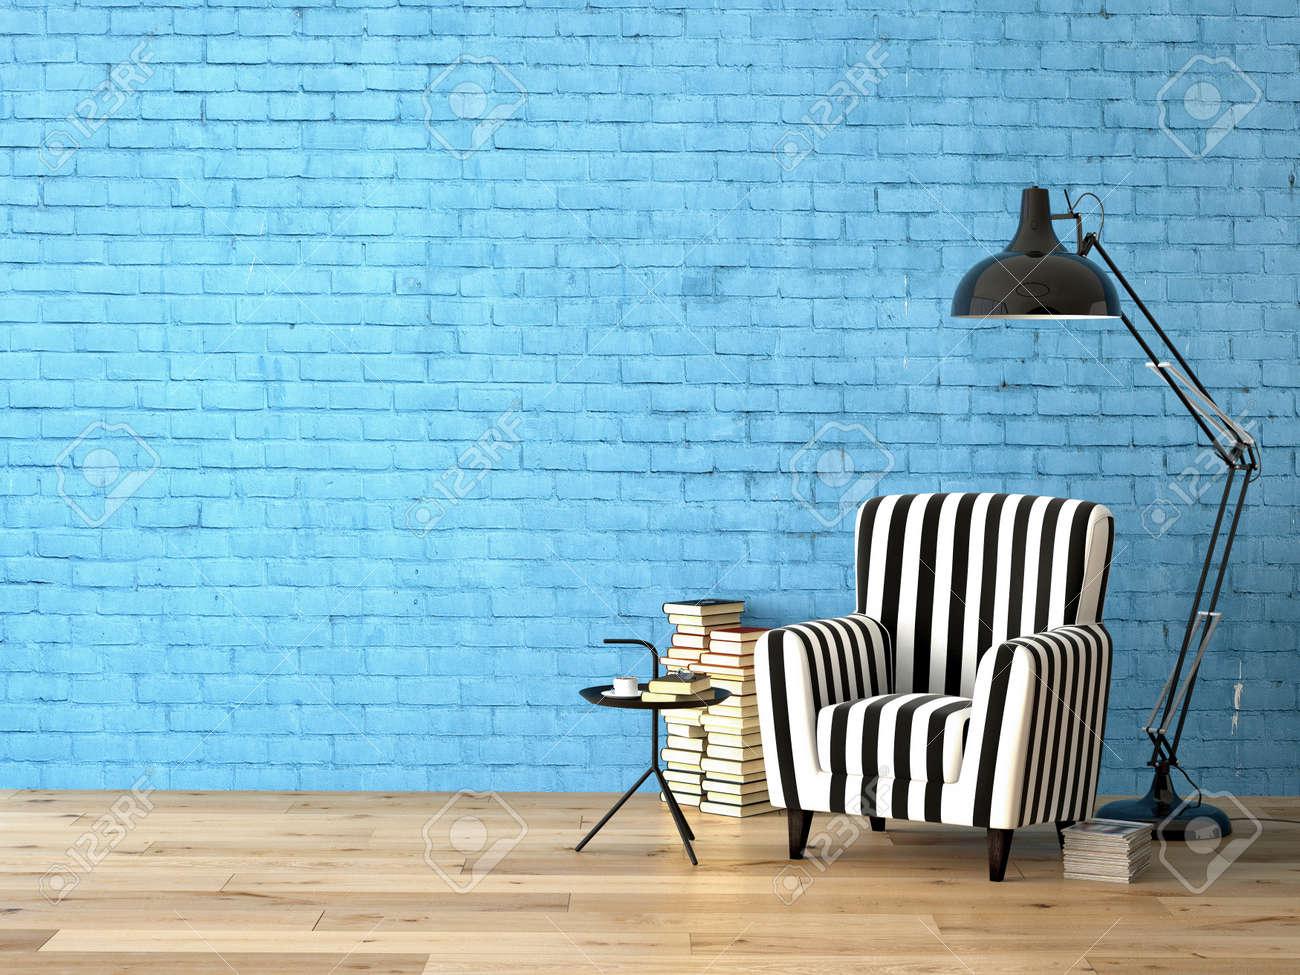 Vardagsrum med en fåtölj, lampa och böcker, 3d rendering royalty ...